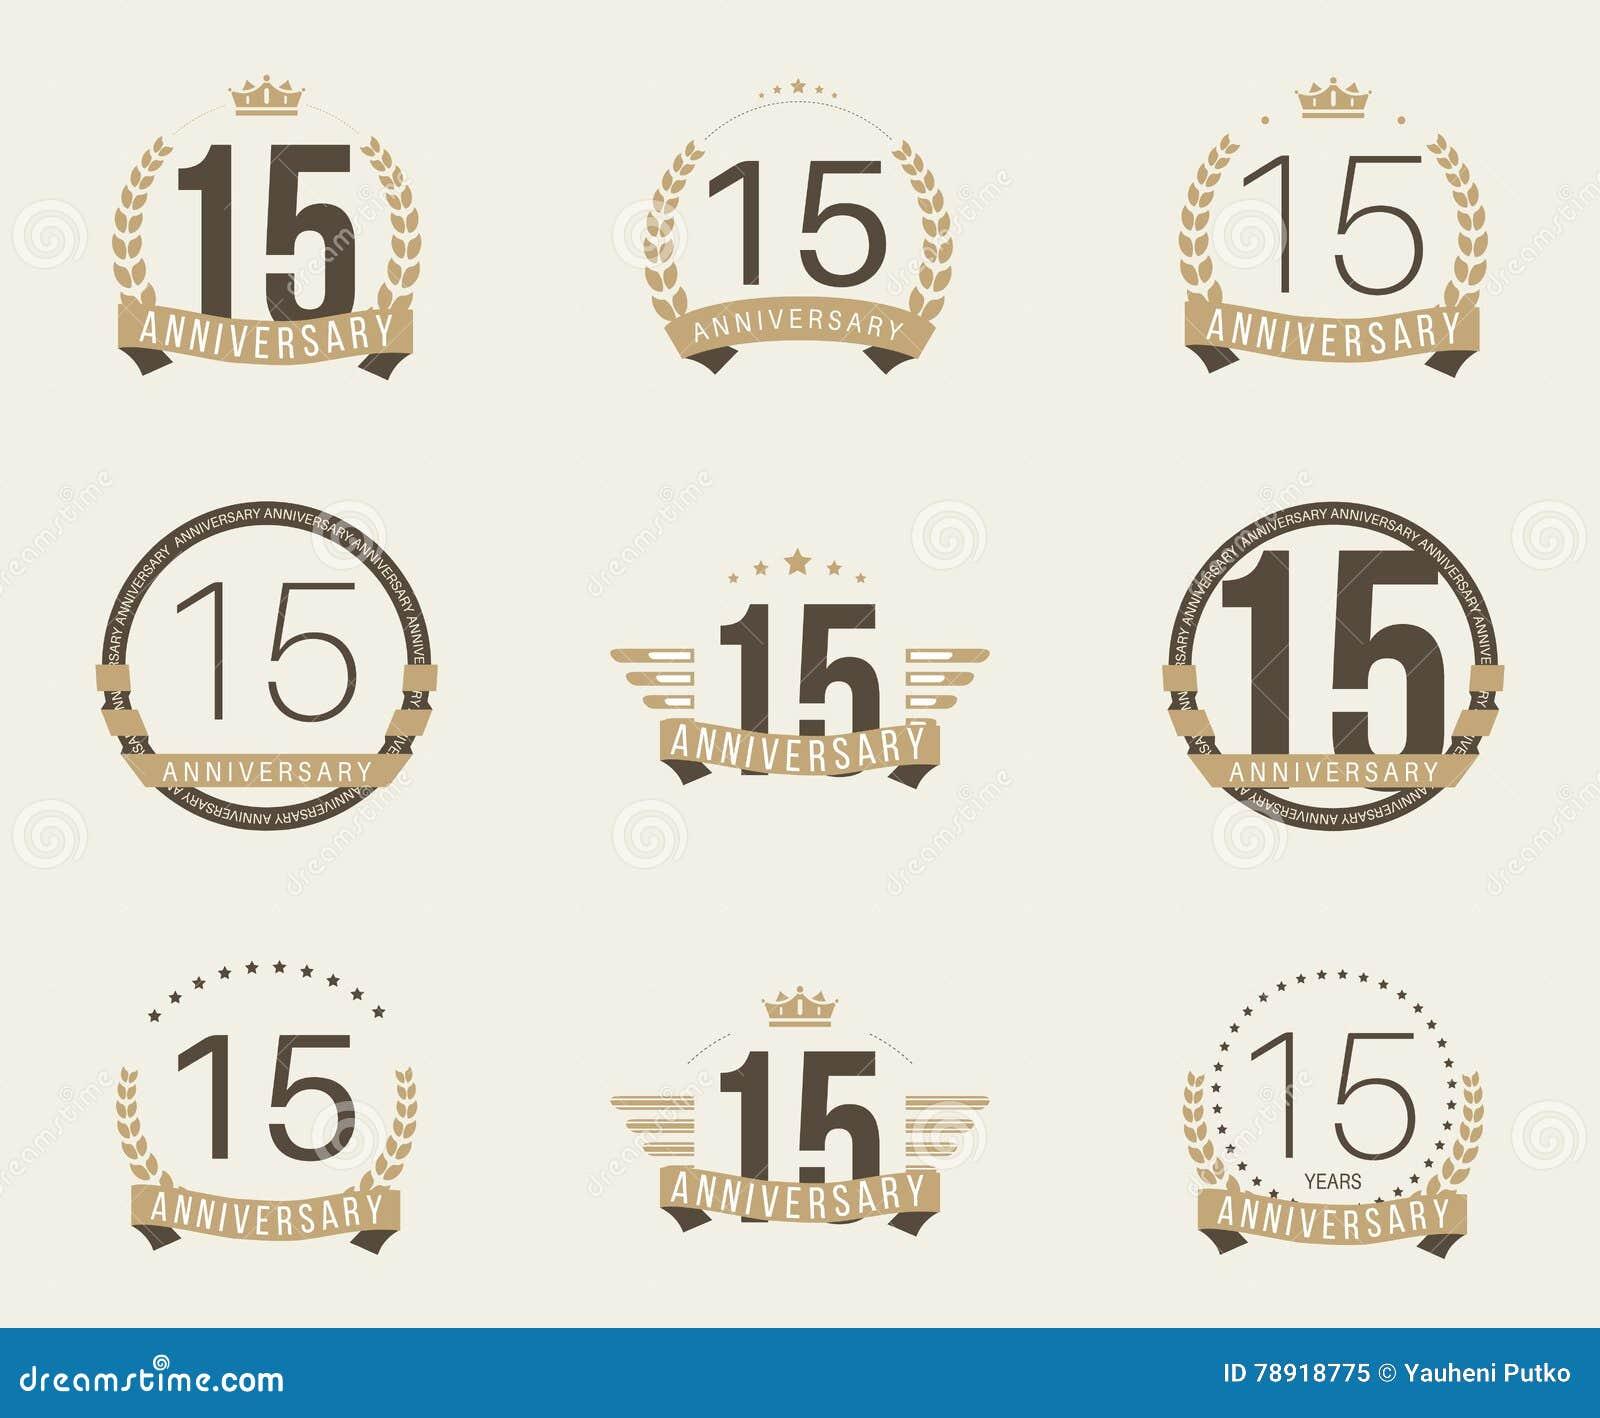 Quinze do aniversário anos de logotype da celebração 15a coleção do logotipo do aniversário